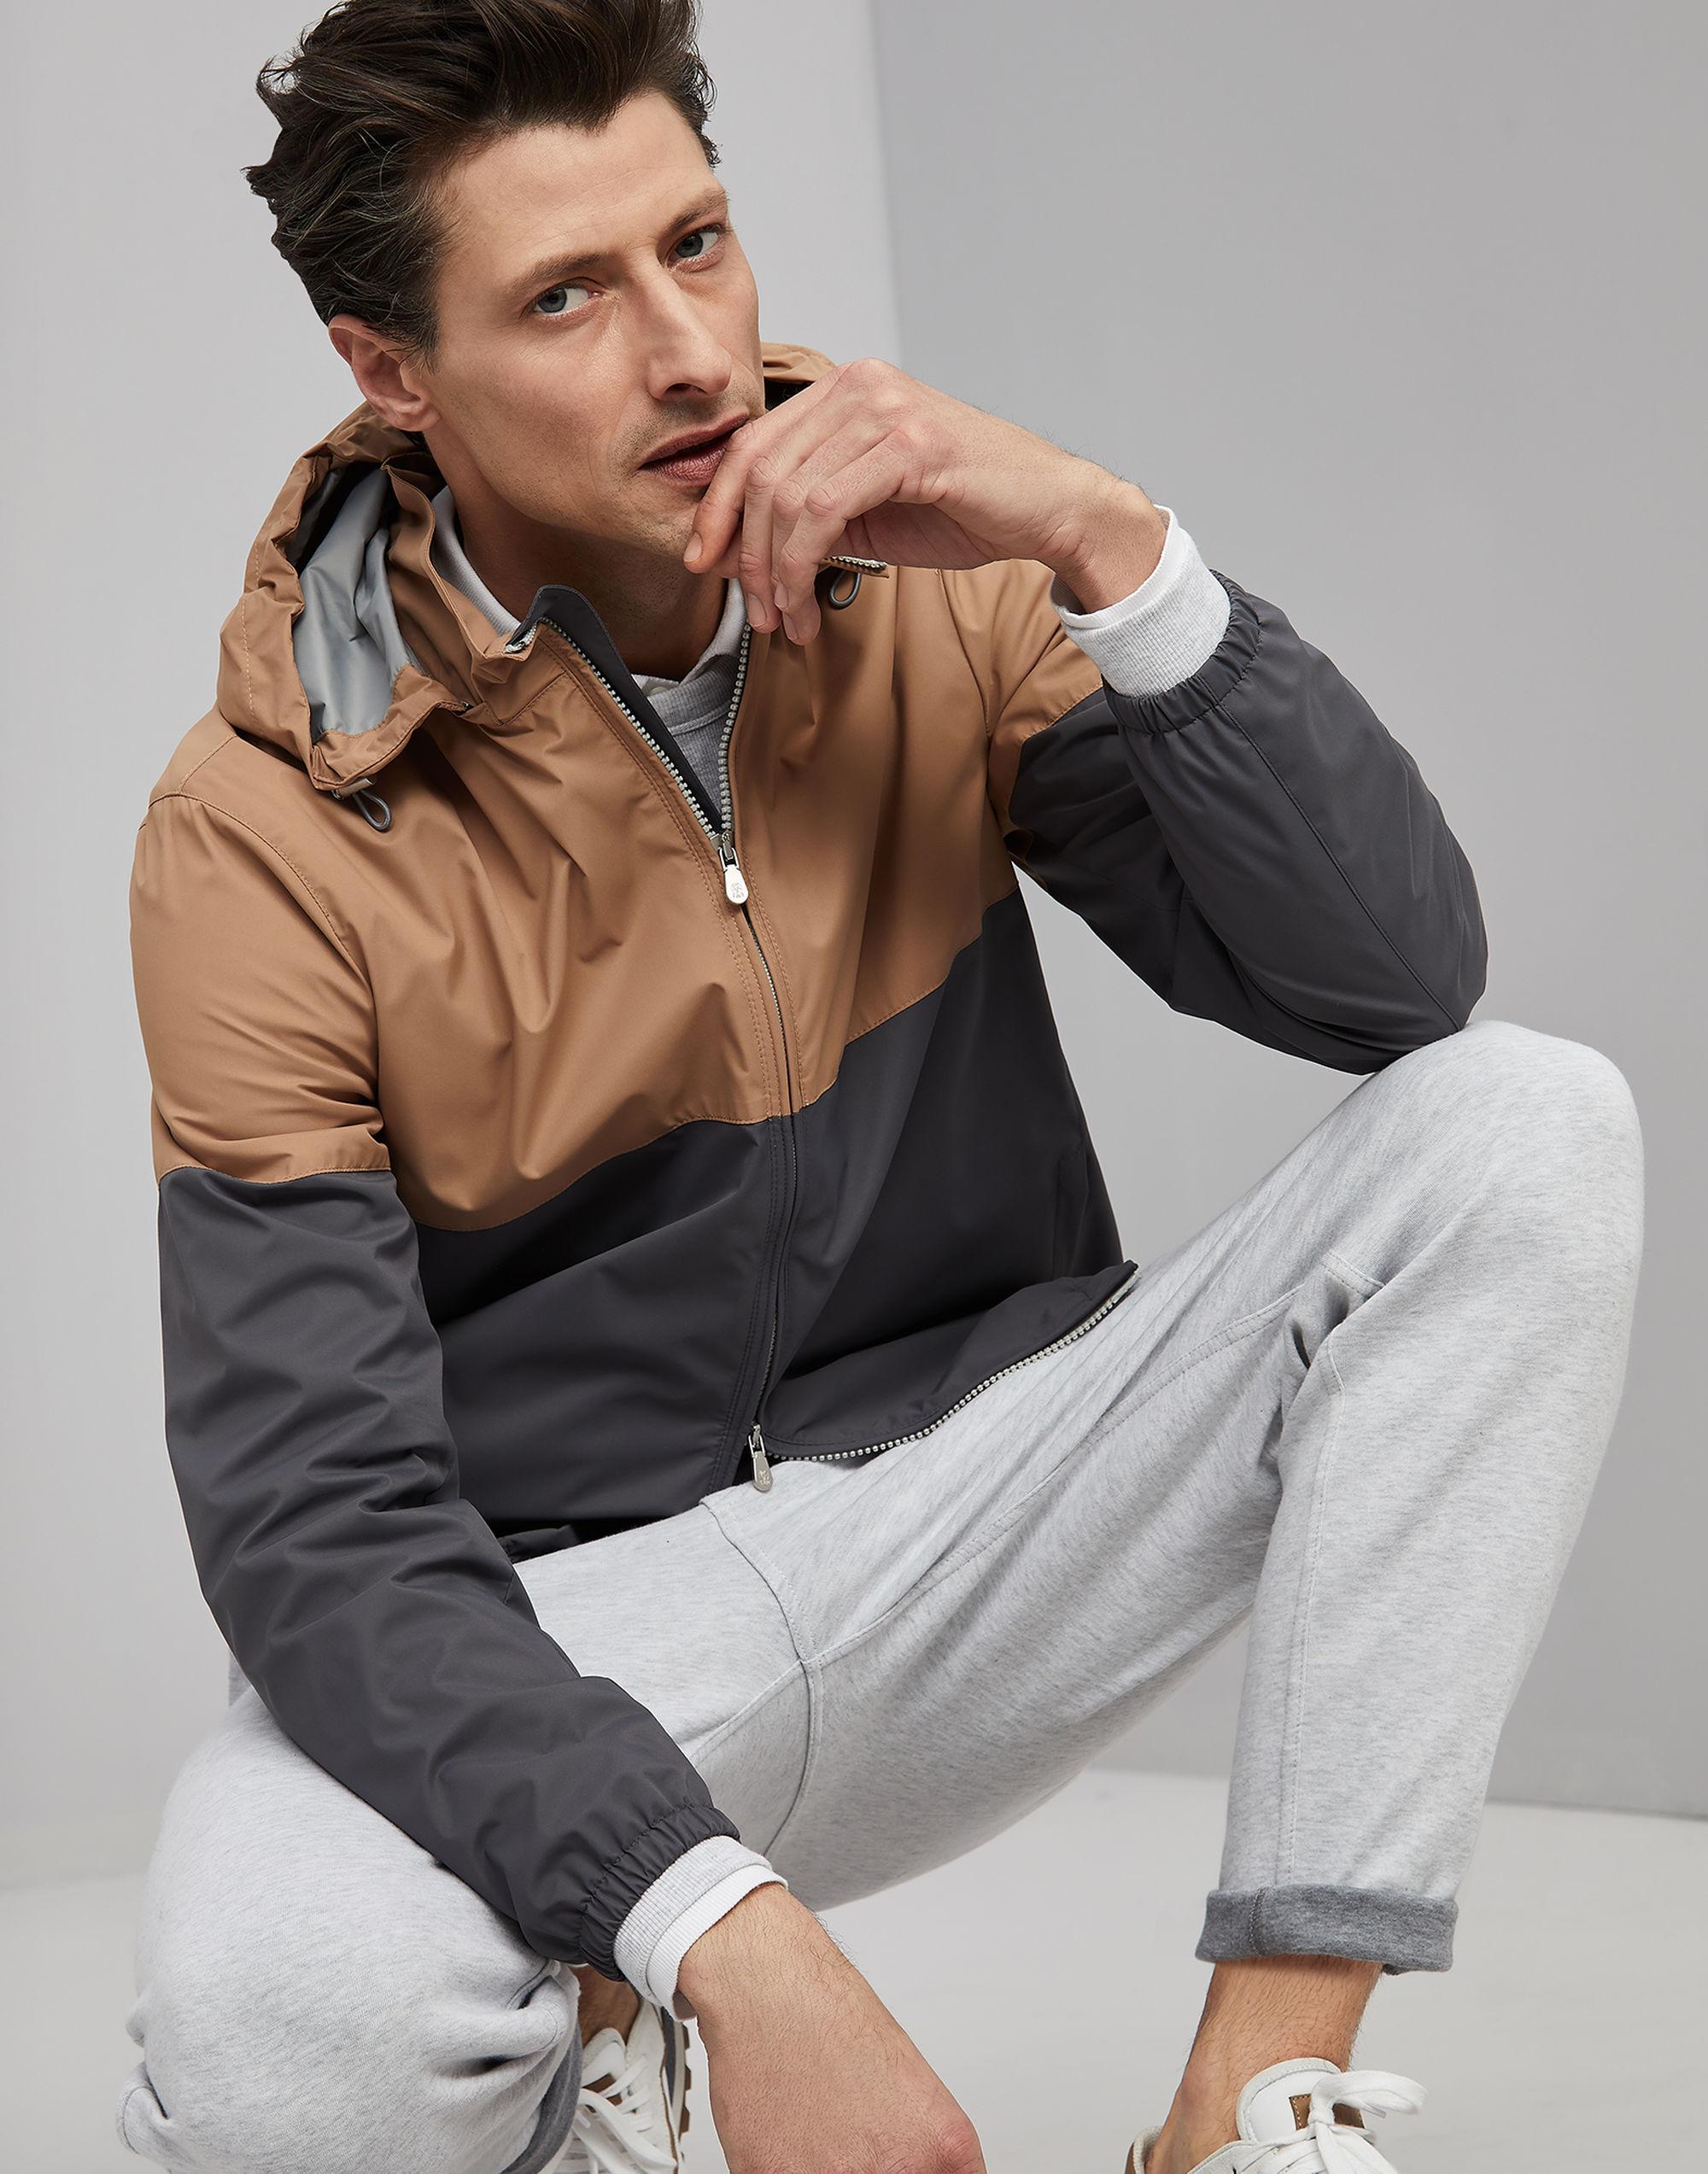 BRUNELLO CUCINELLI(ブルネロクチネリ) メンズジャケット